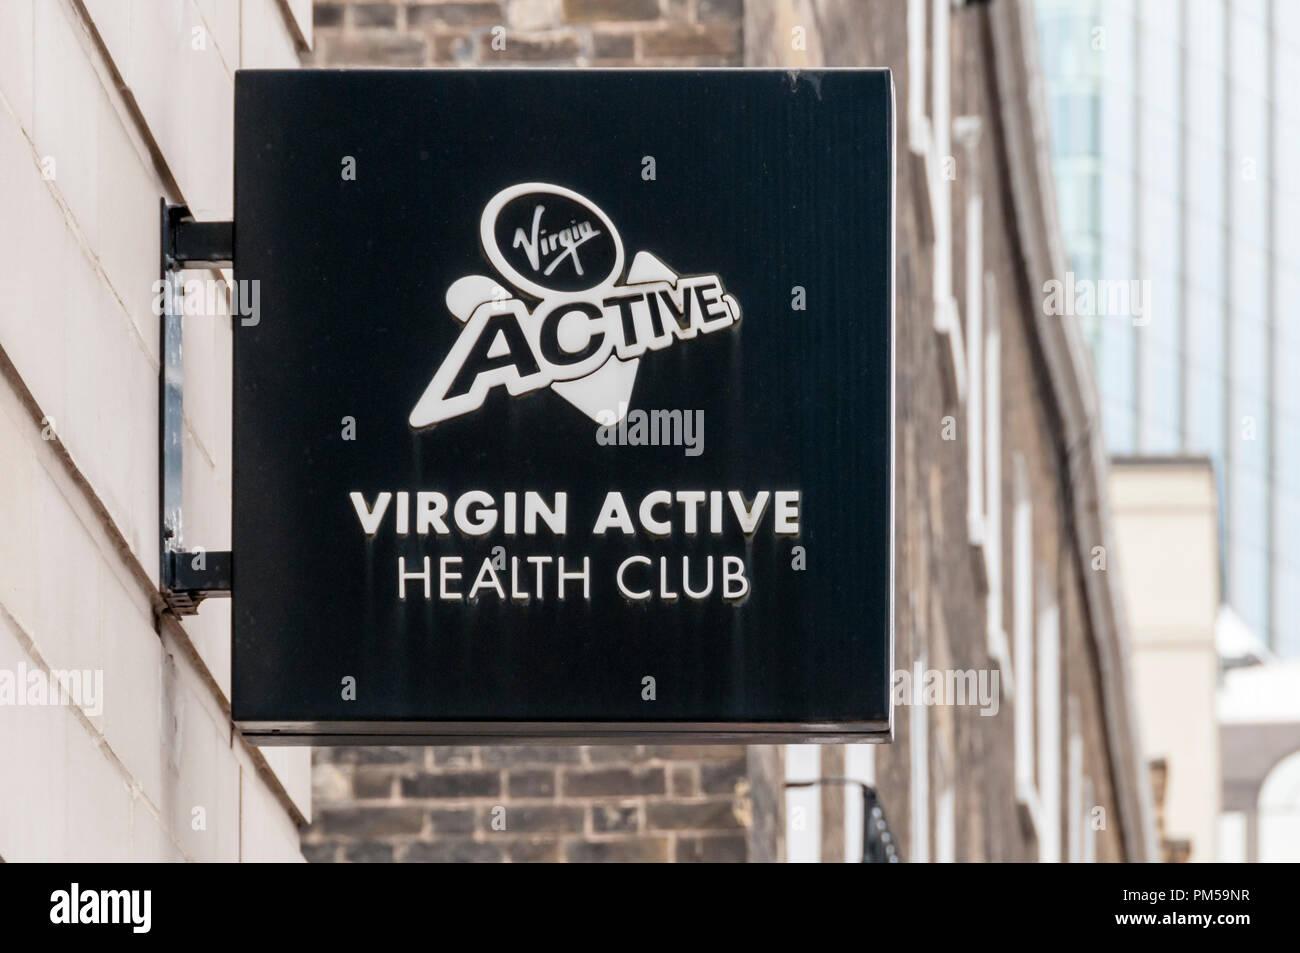 Segno per Virgin Active Health Club in Bunhill Row, Londra. Immagini Stock